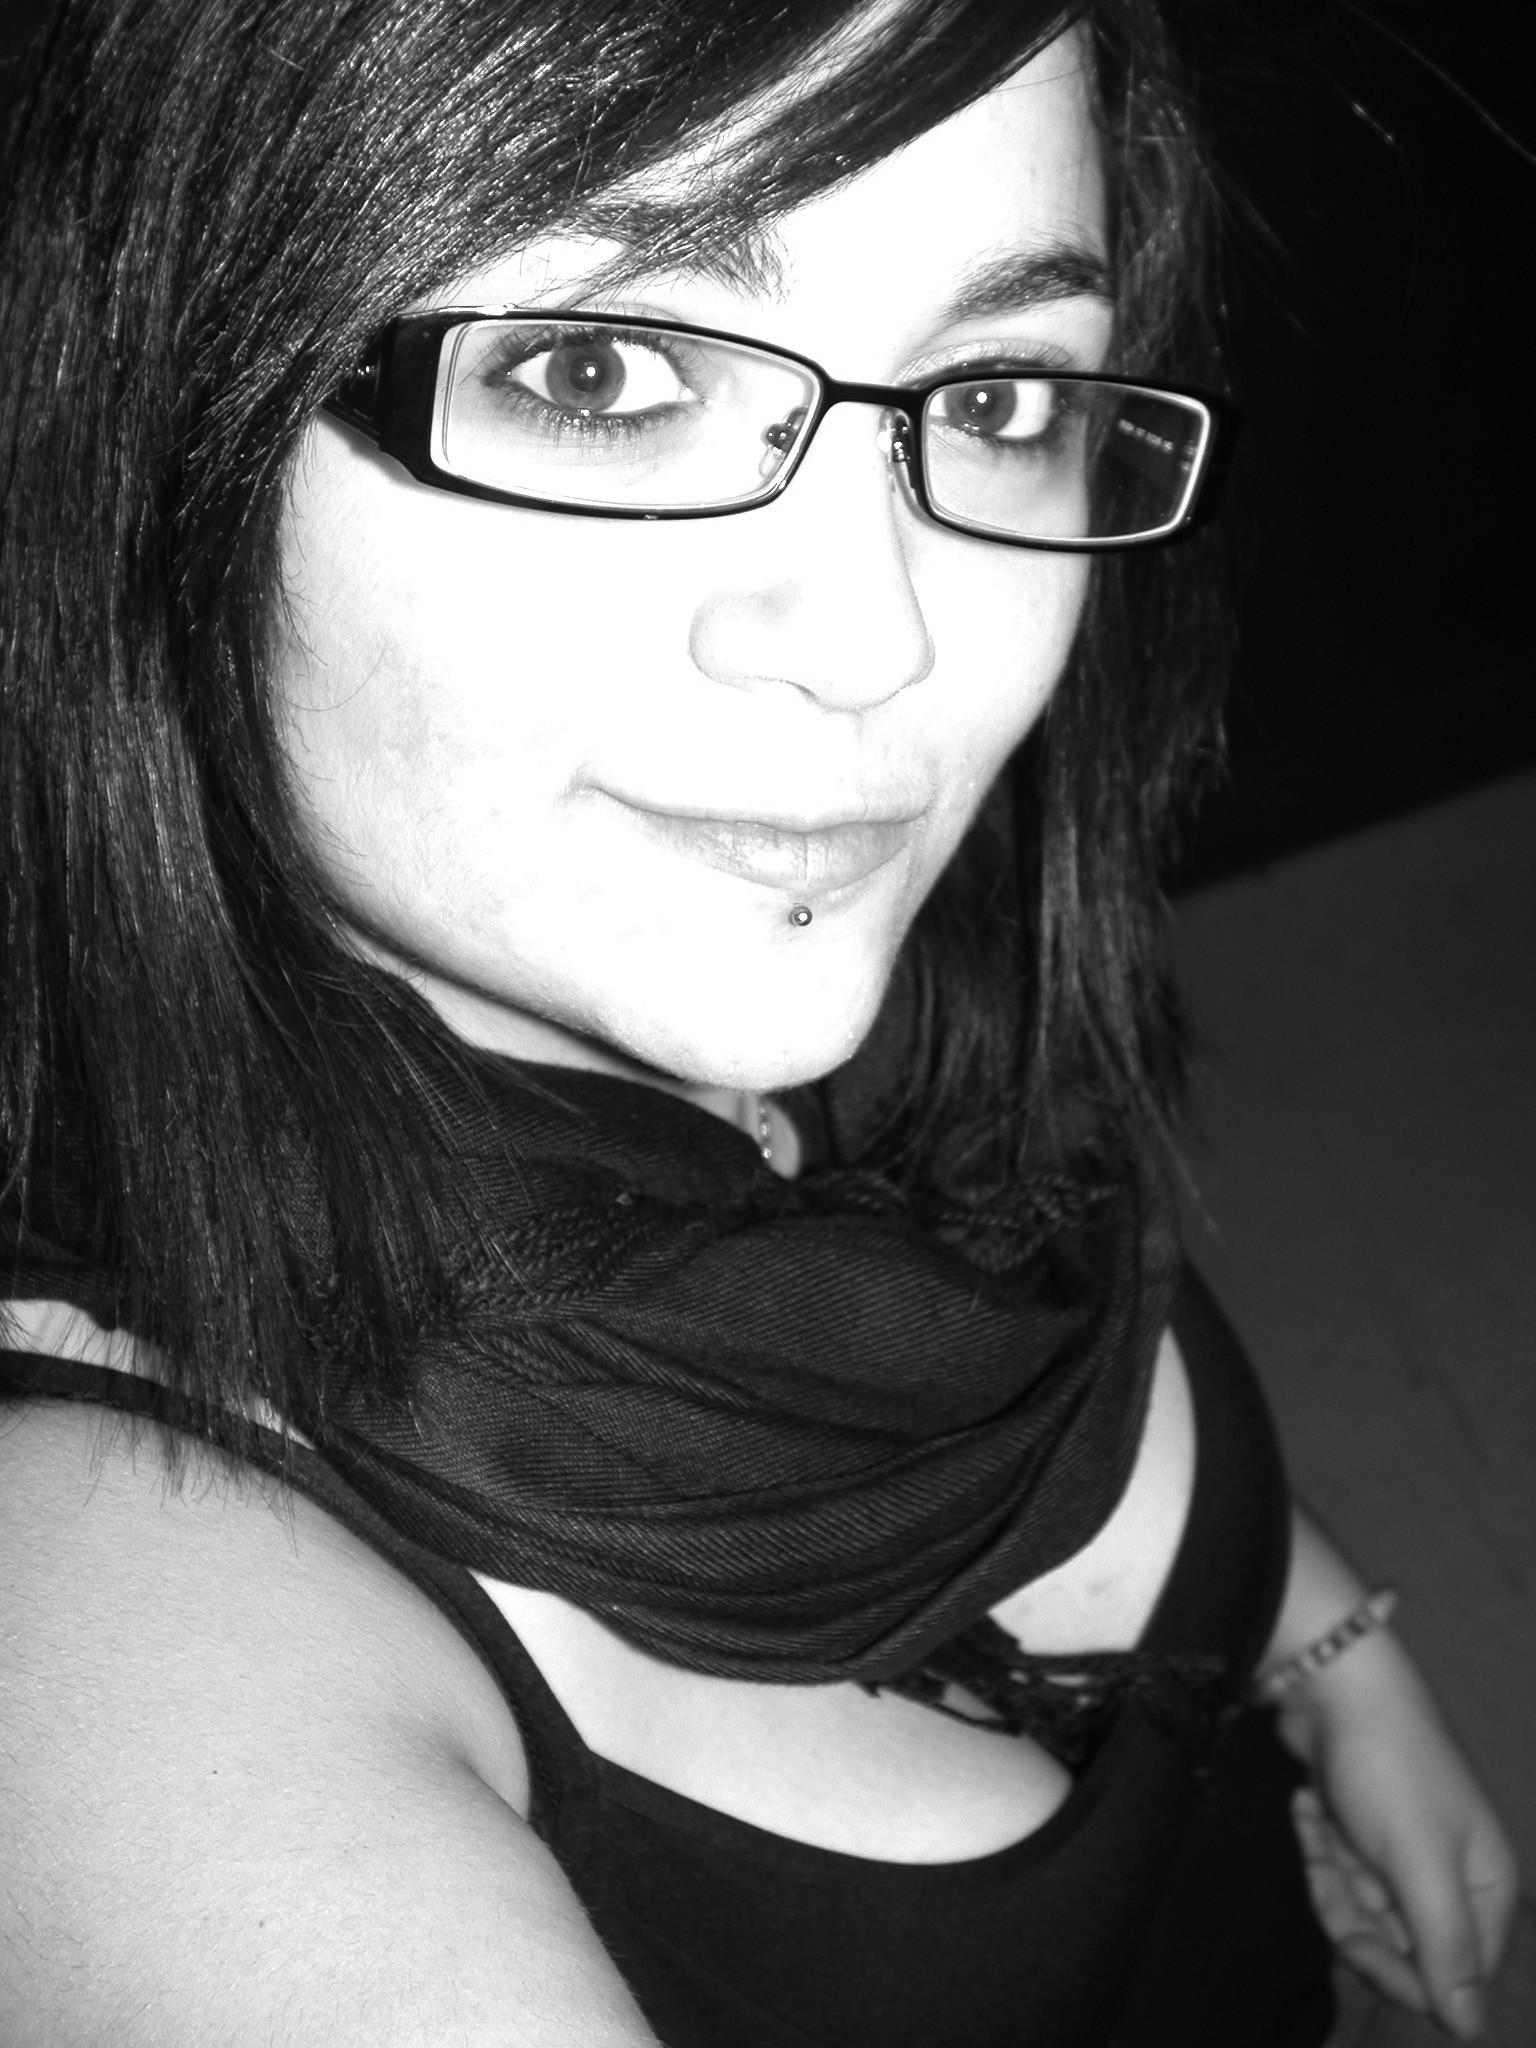 Sonia Tsakanias